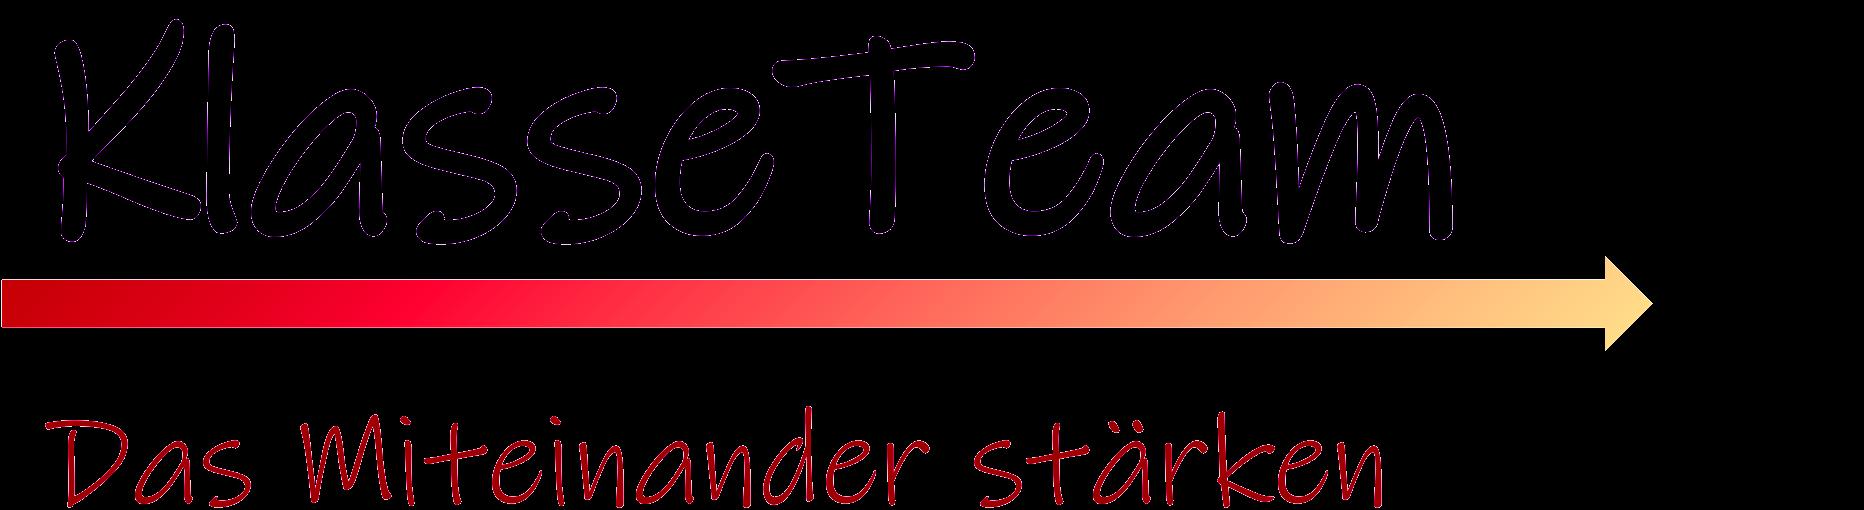 Klasseteam Logo 2020